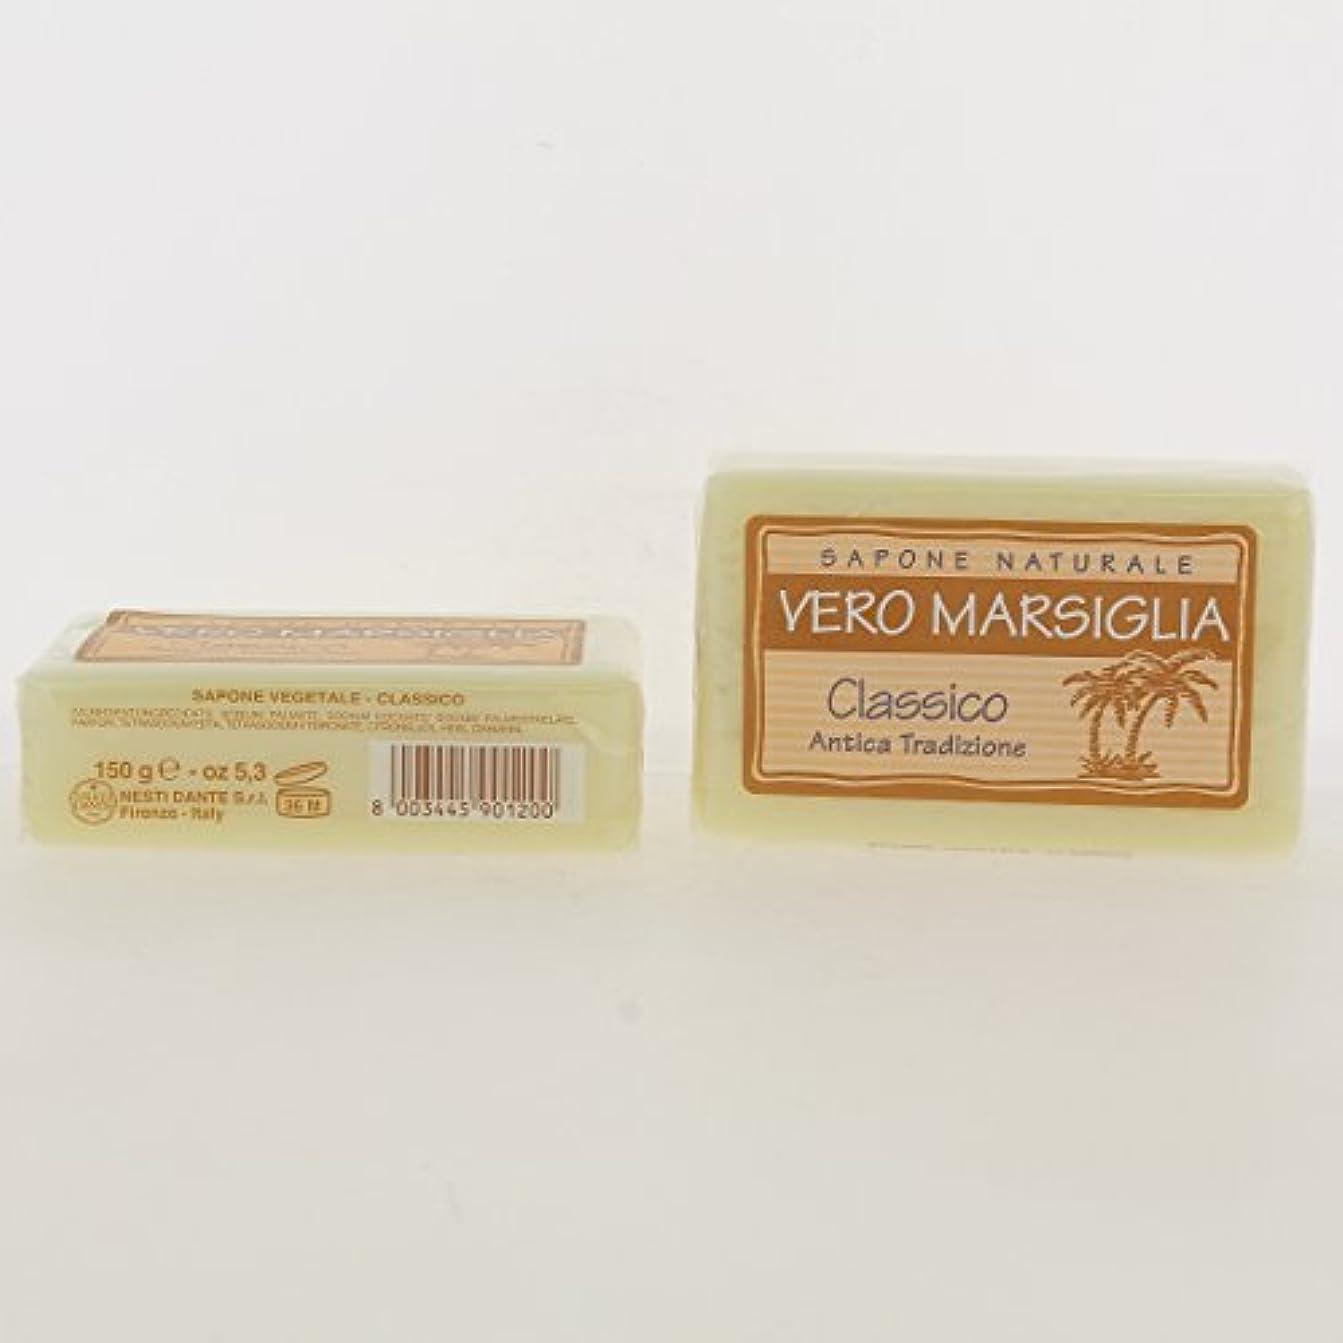 影響する勧告欠陥ネスティダンテ Vero Marsiglia Natural Soap - Classic (Ancient Tradition) 150g/5.29oz並行輸入品